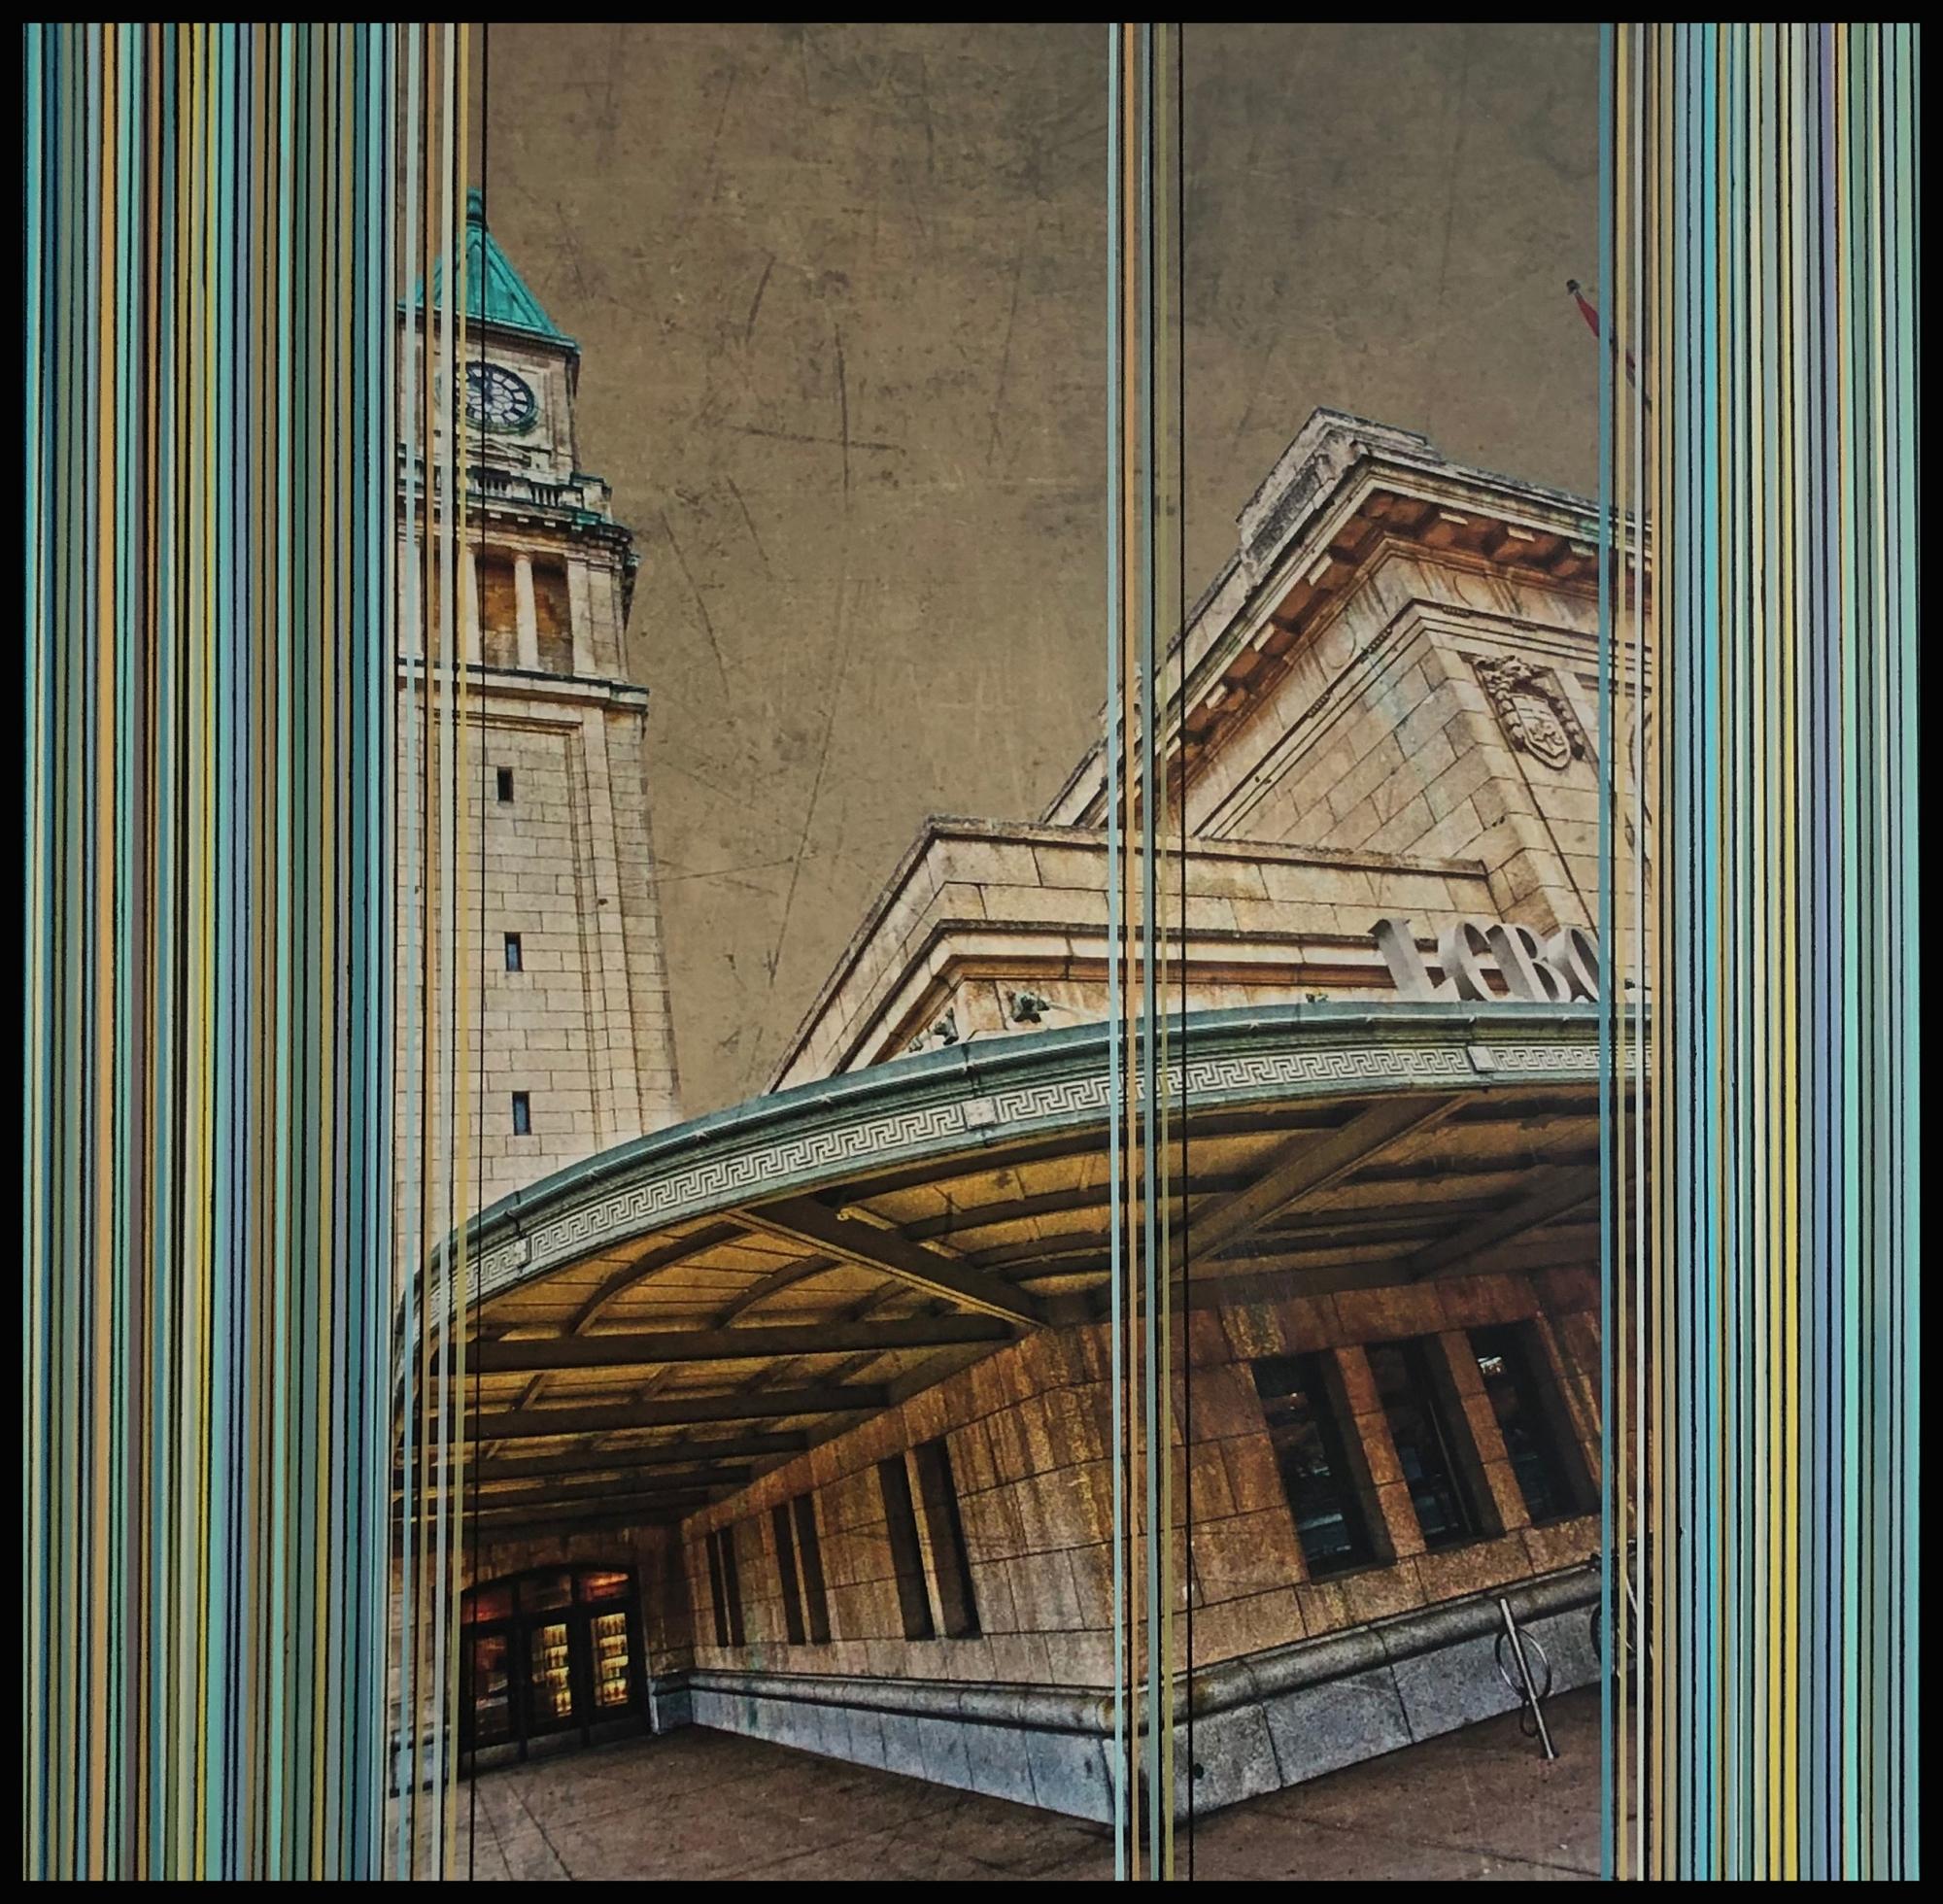 My City: 367  by Jamie MacRae